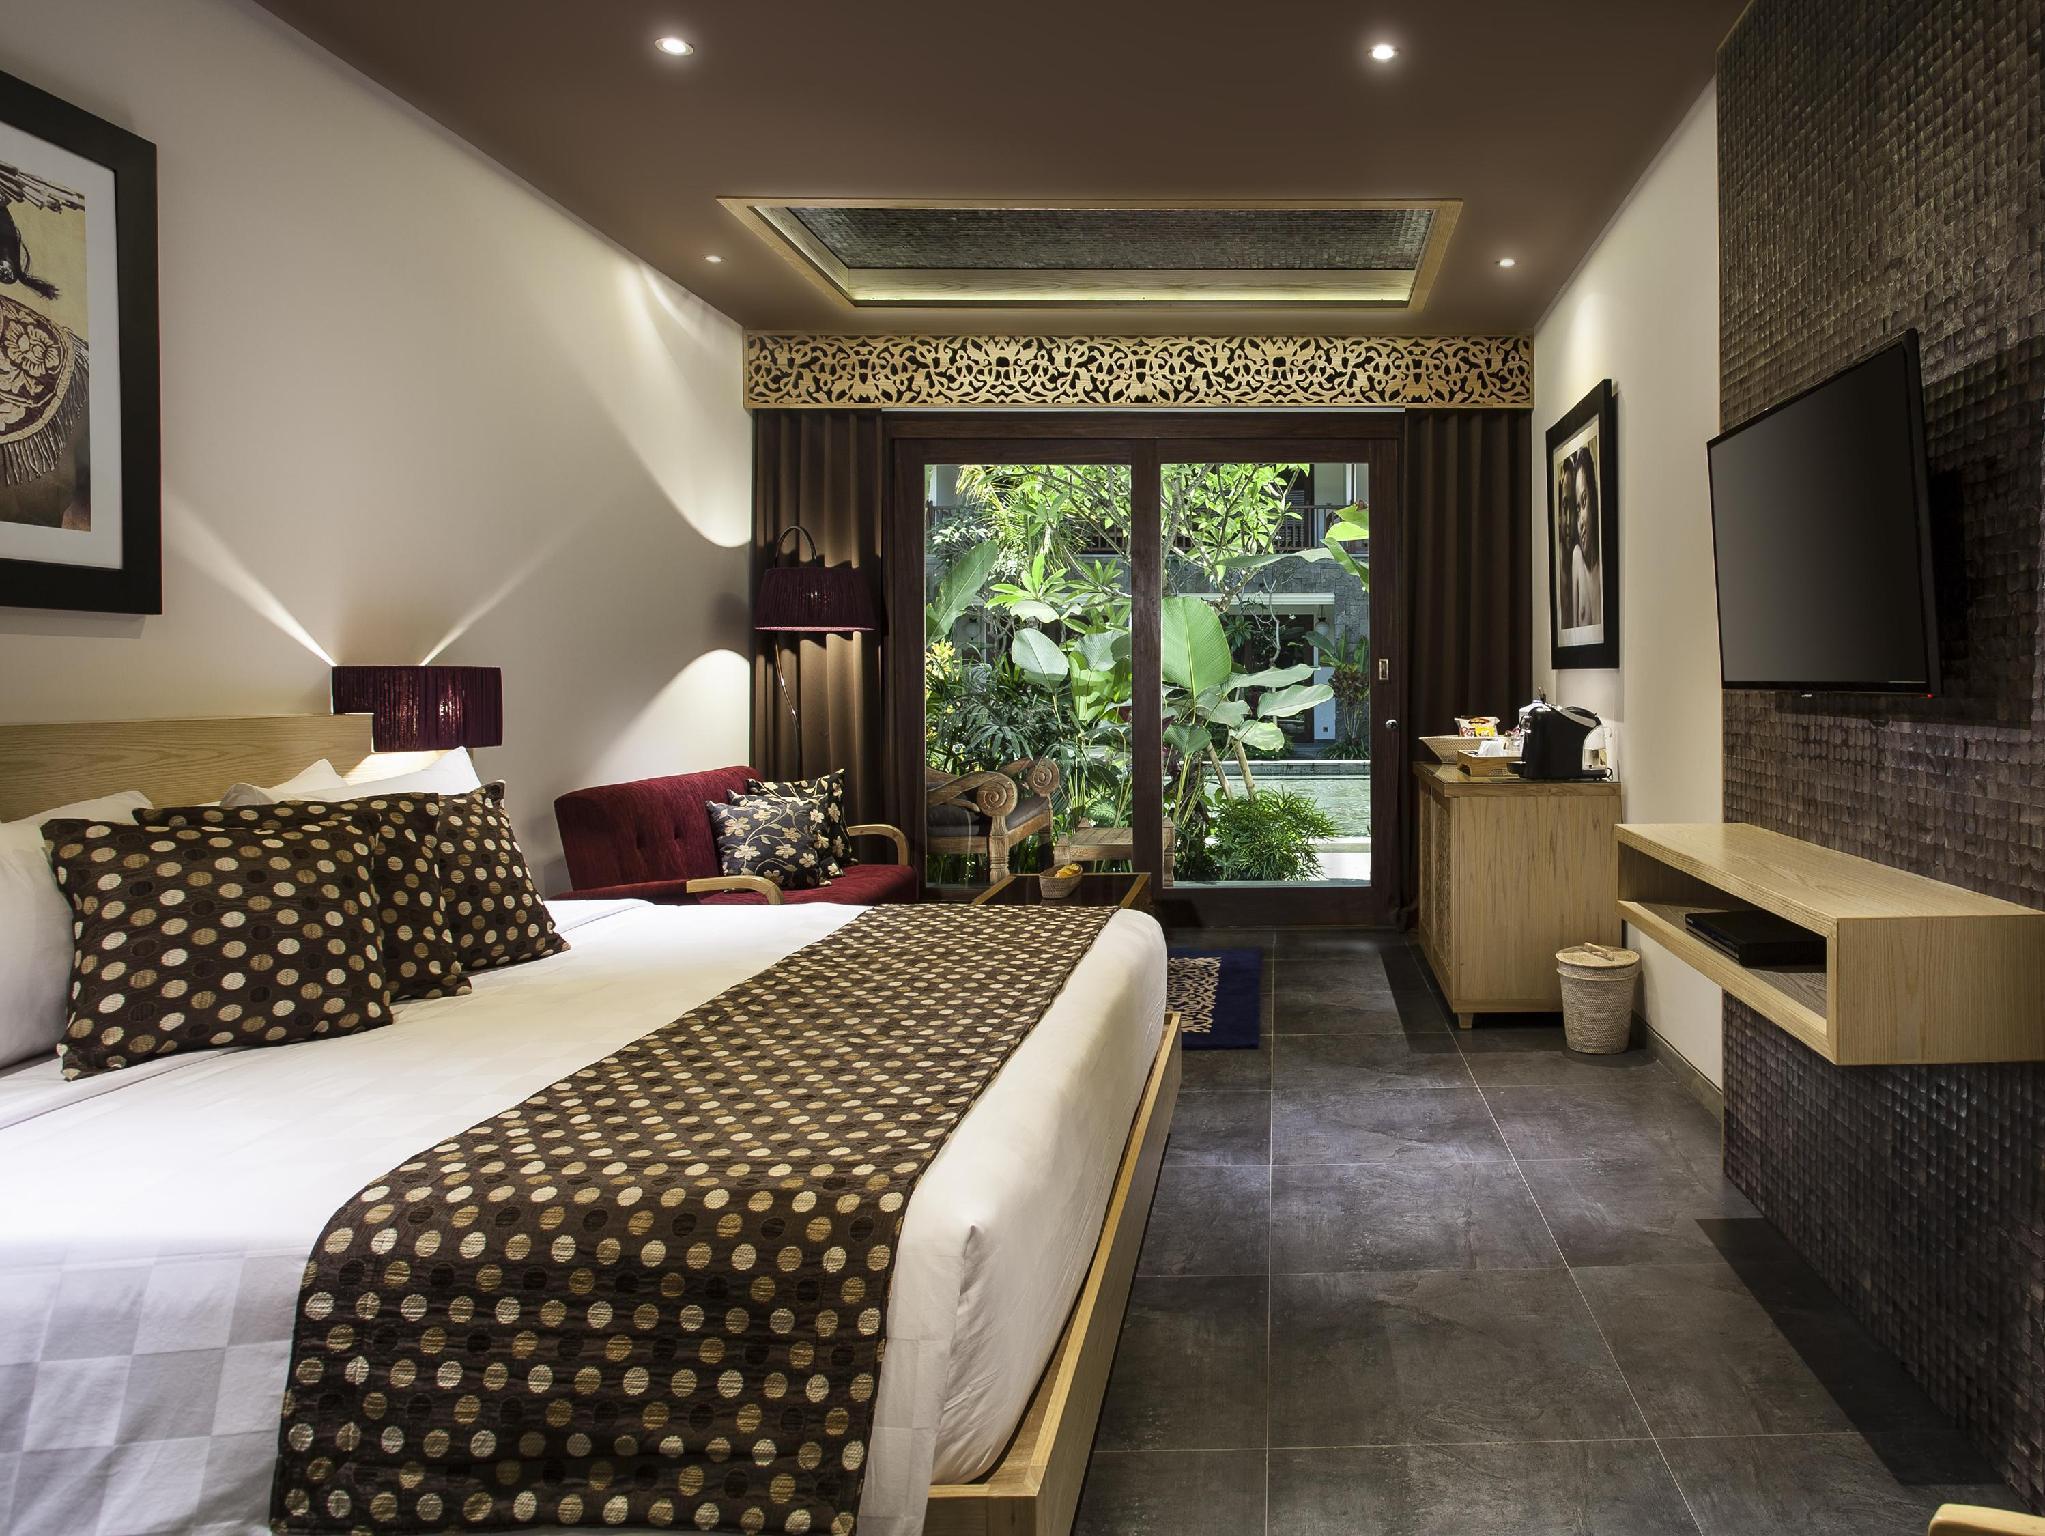 http://pix6.agoda.net/hotelImages/503/503166/503166_14123016460024228333.jpg